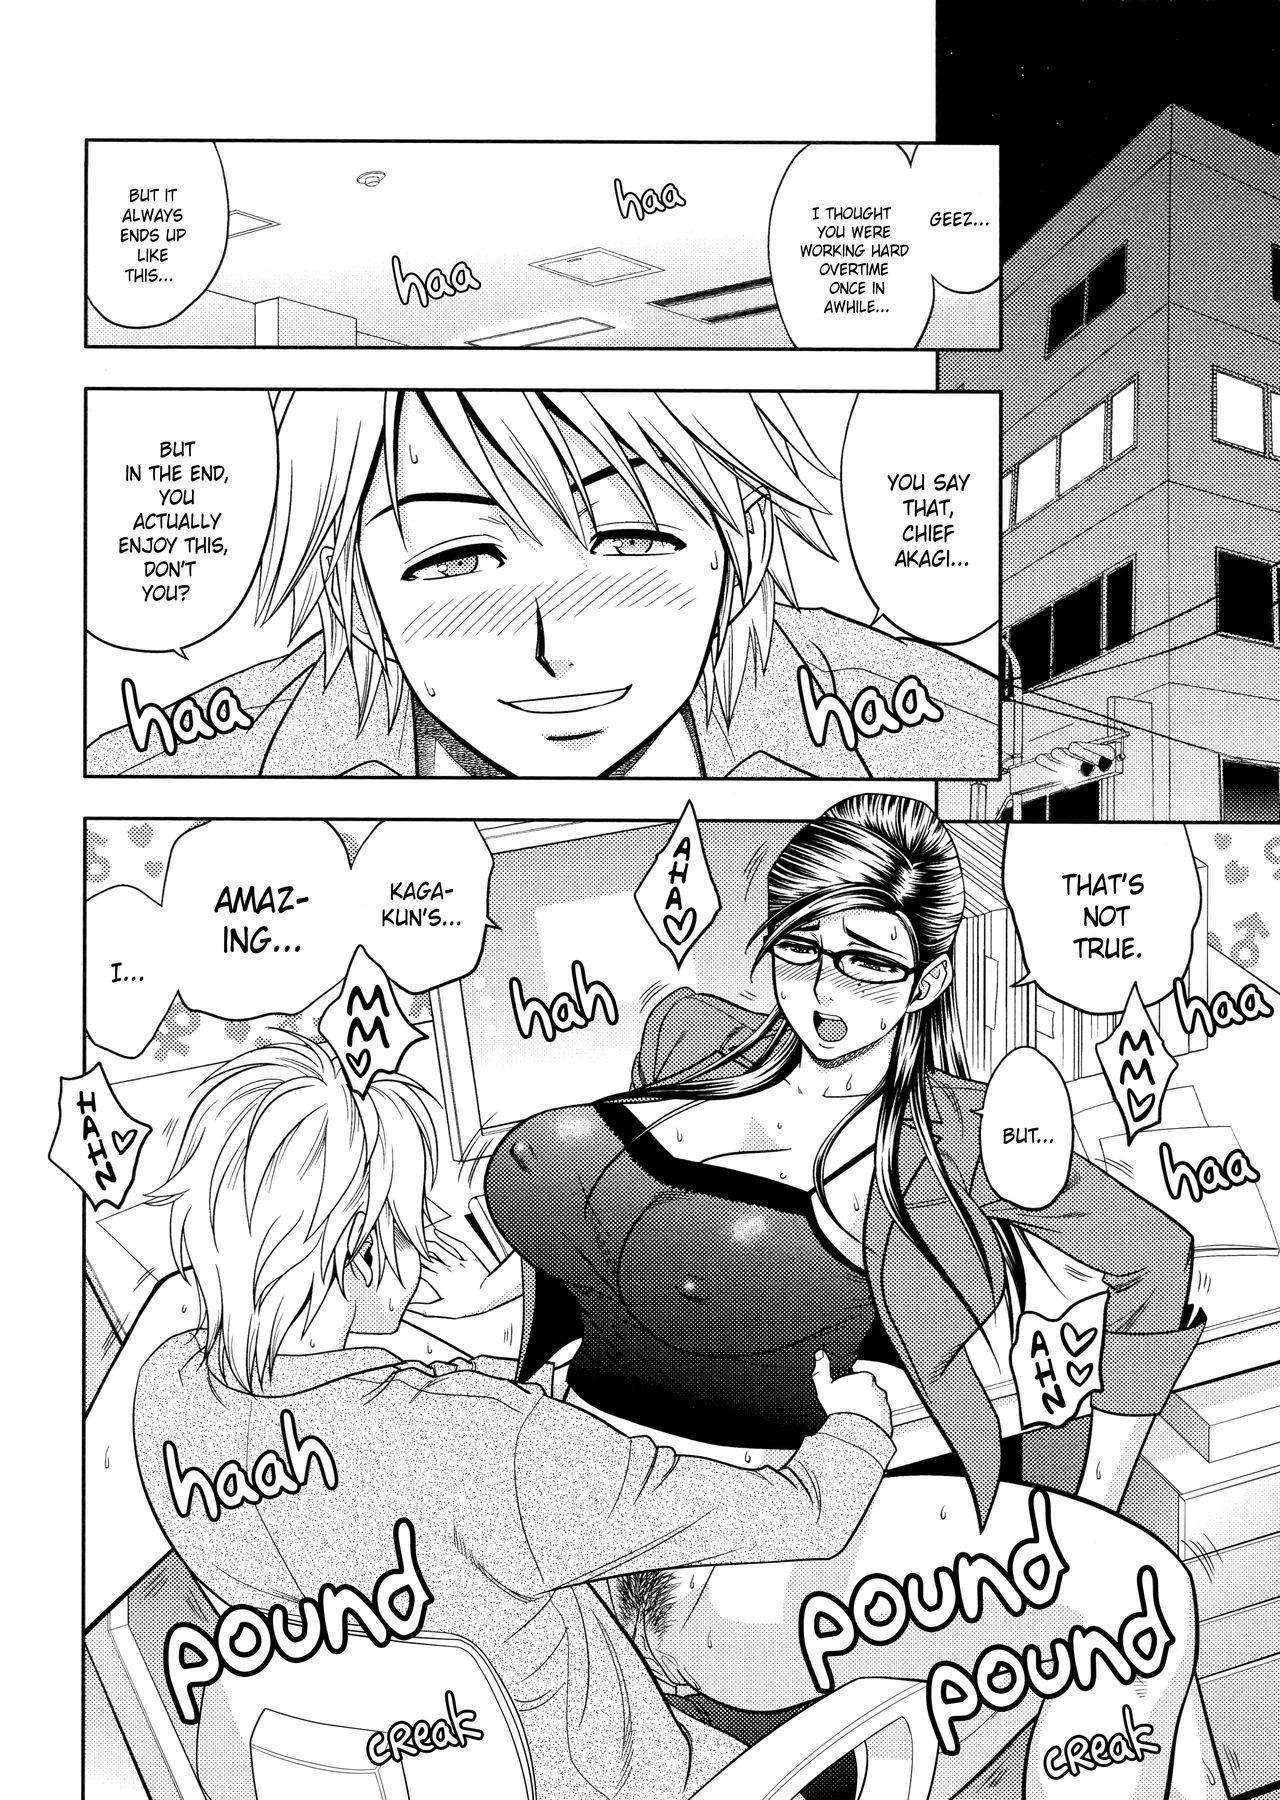 [Tatsunami Youtoku, Yamazaki Masato] Bijin Henshuu-chou no Himitsu | Beautiful Editor-in-Chief's Secret Ch. 1-5 [English] [Forbiddenfetish77, Red Vodka, Crystalium] [Decensored] 65